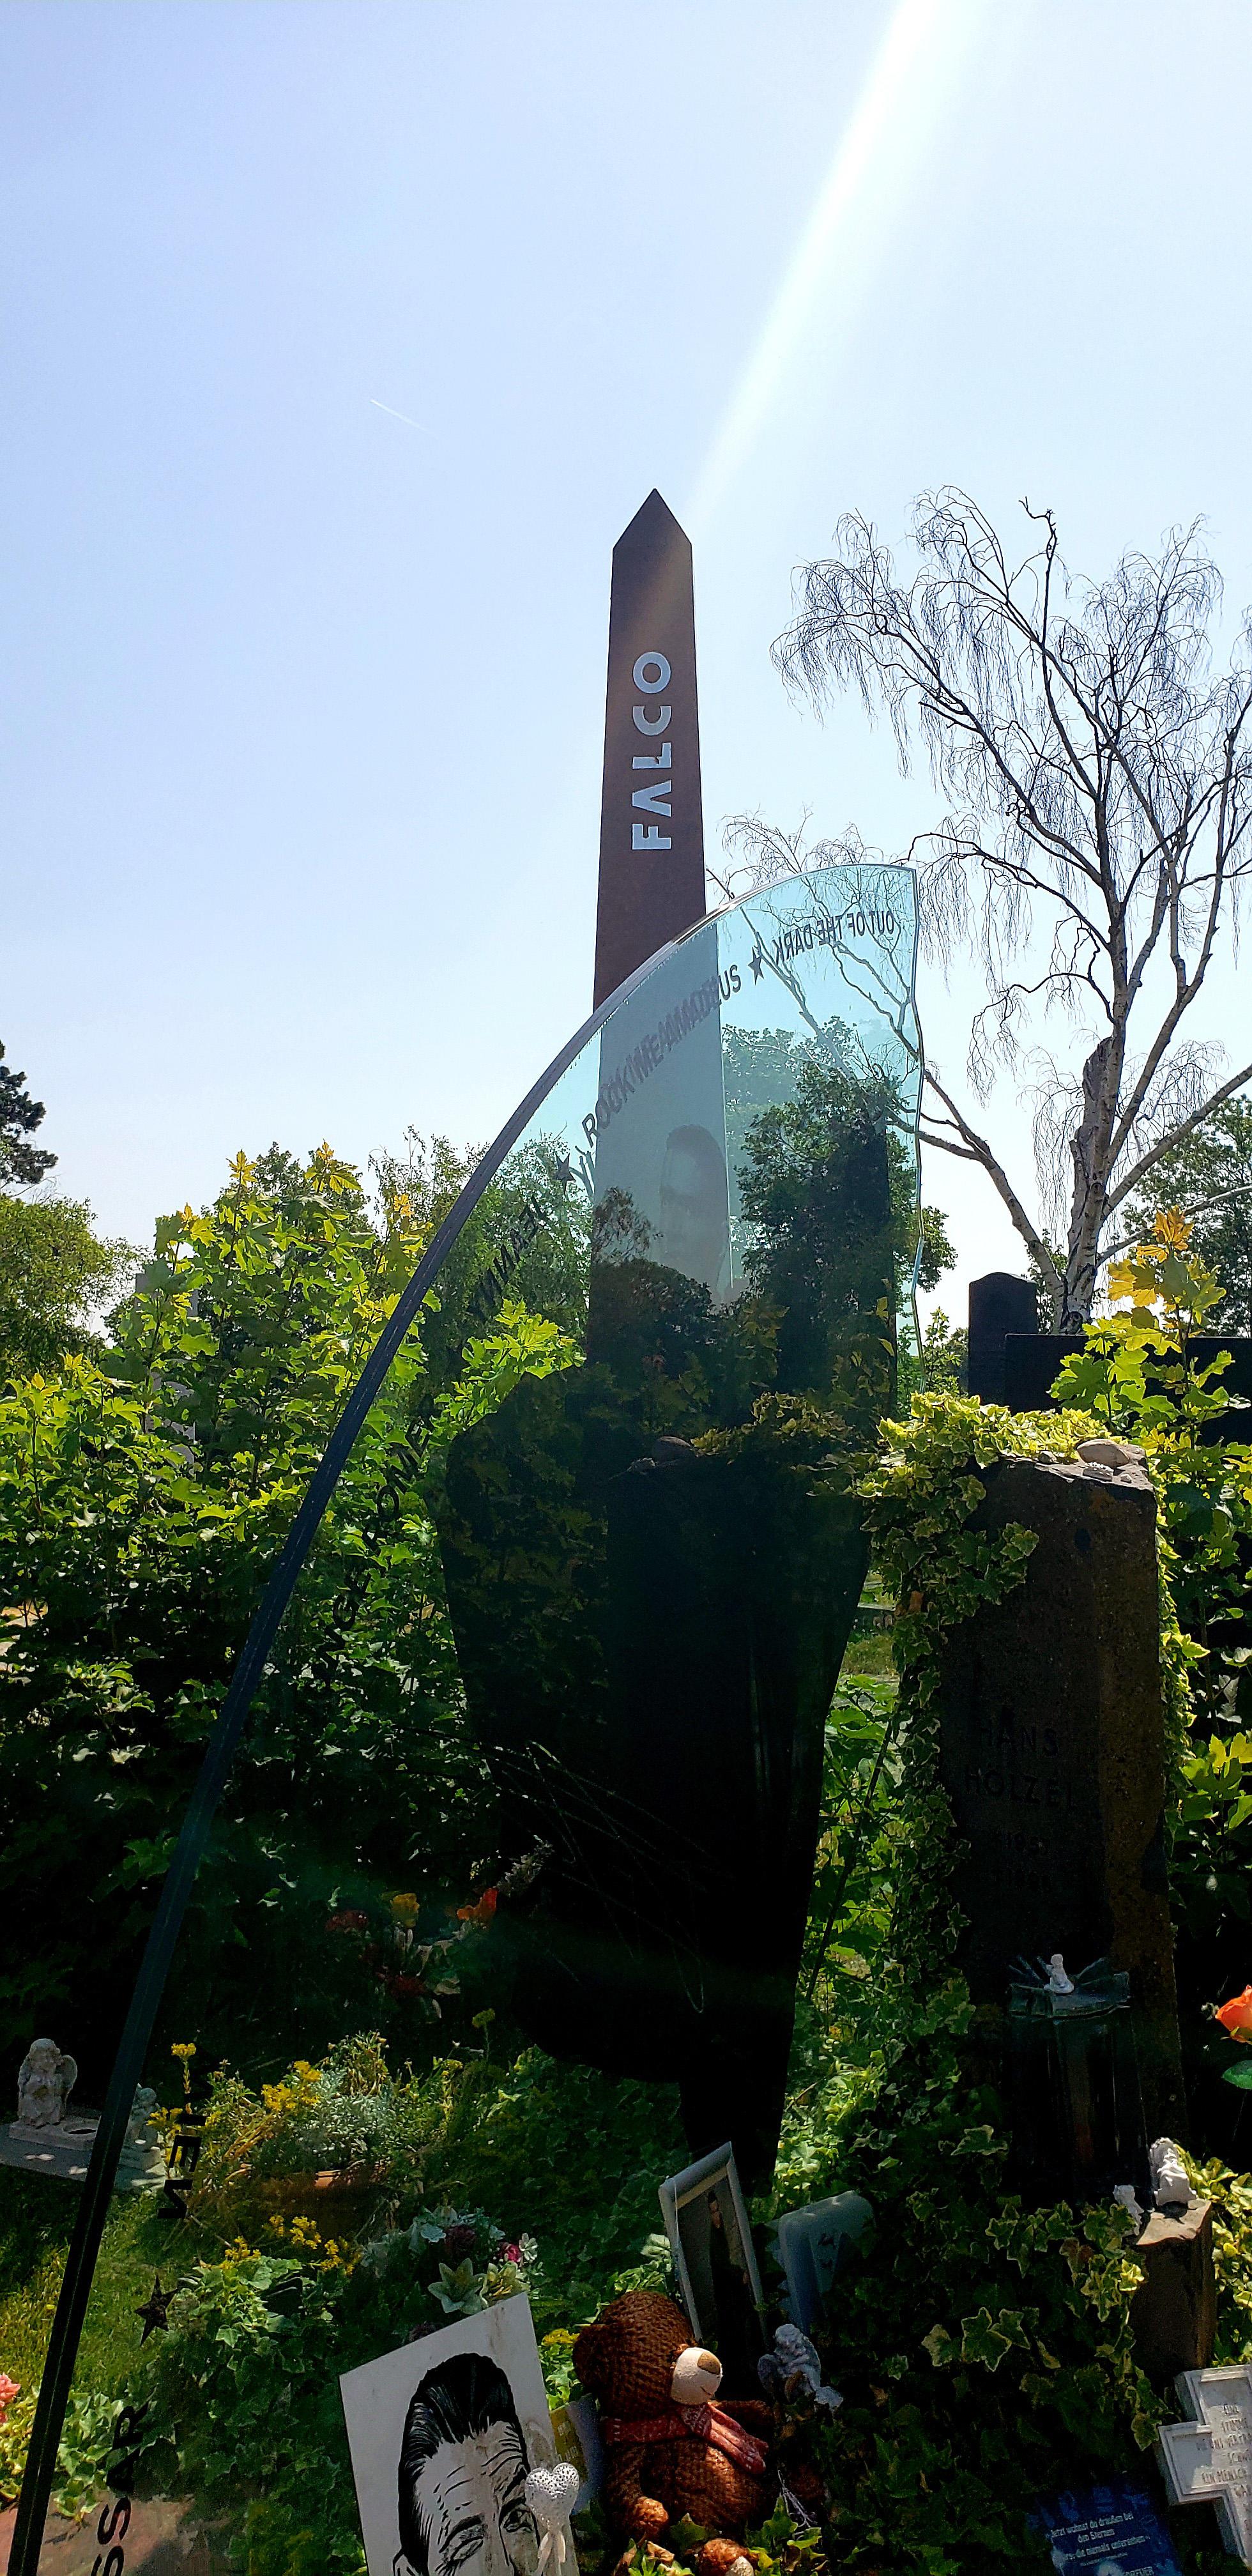 Falco's grave at Wiener Zentralfriedhof